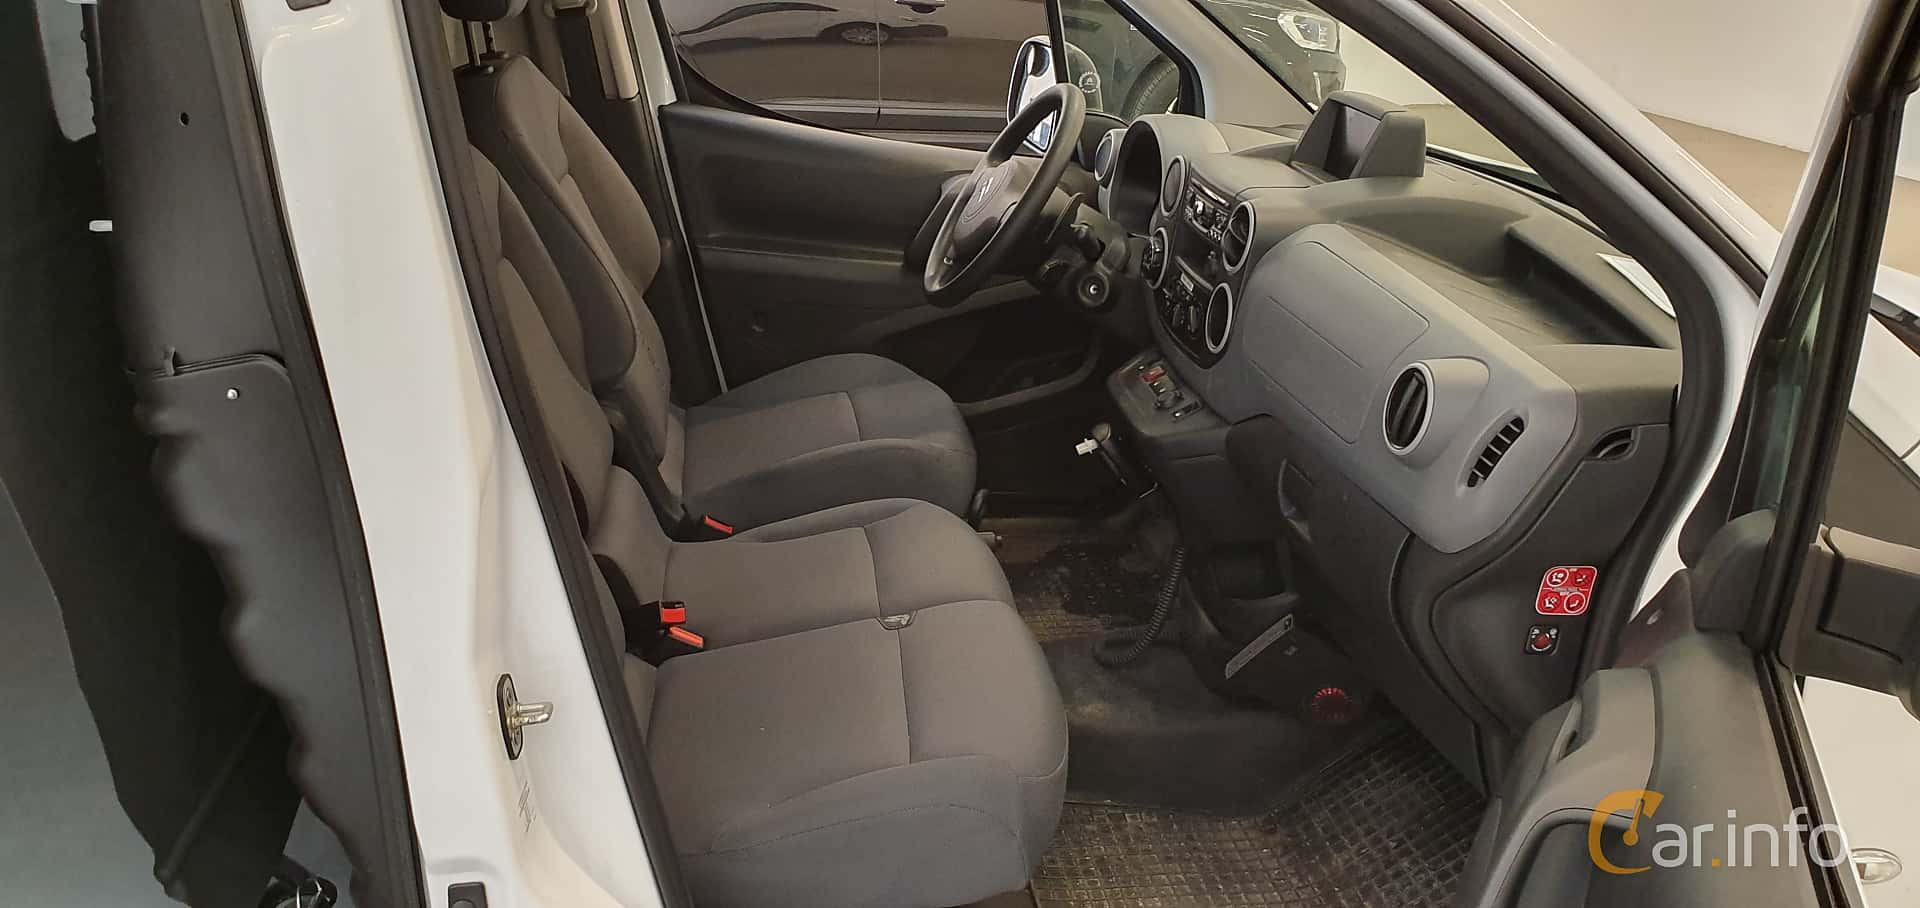 Citroën Berlingo Van 1.6 HDi ETG6, 92hp, 2014